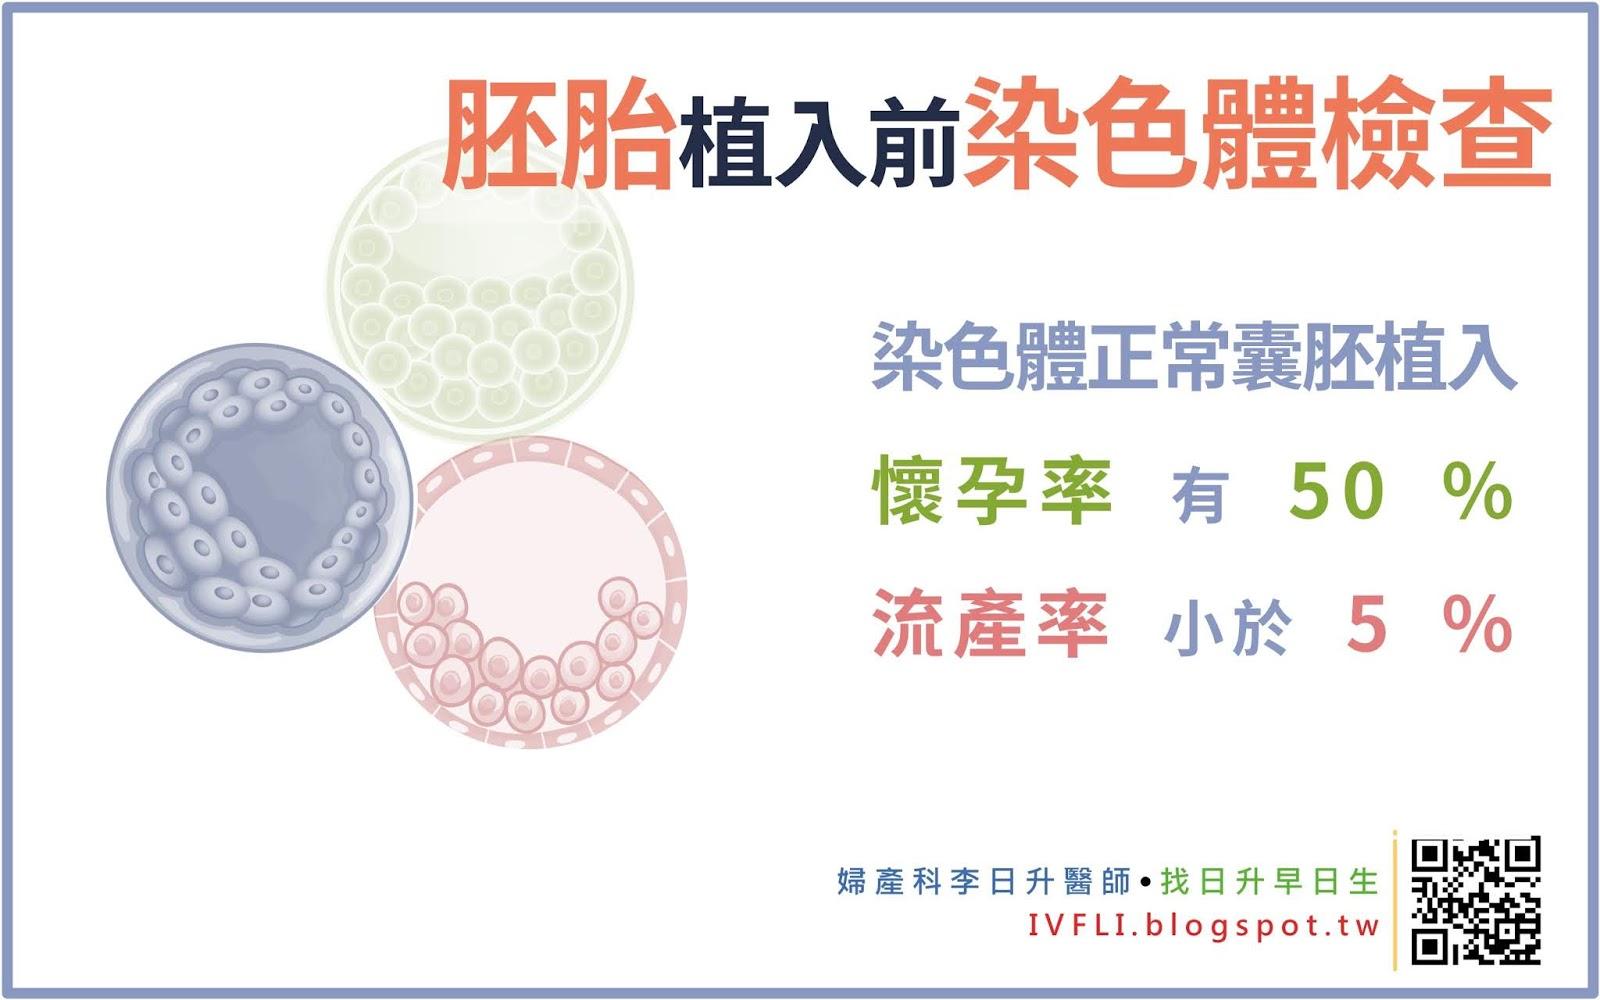 李日升醫師 試管嬰兒・不孕癥・冷凍卵子: PGS / PGT-A 胚胎著床前染色體檢查